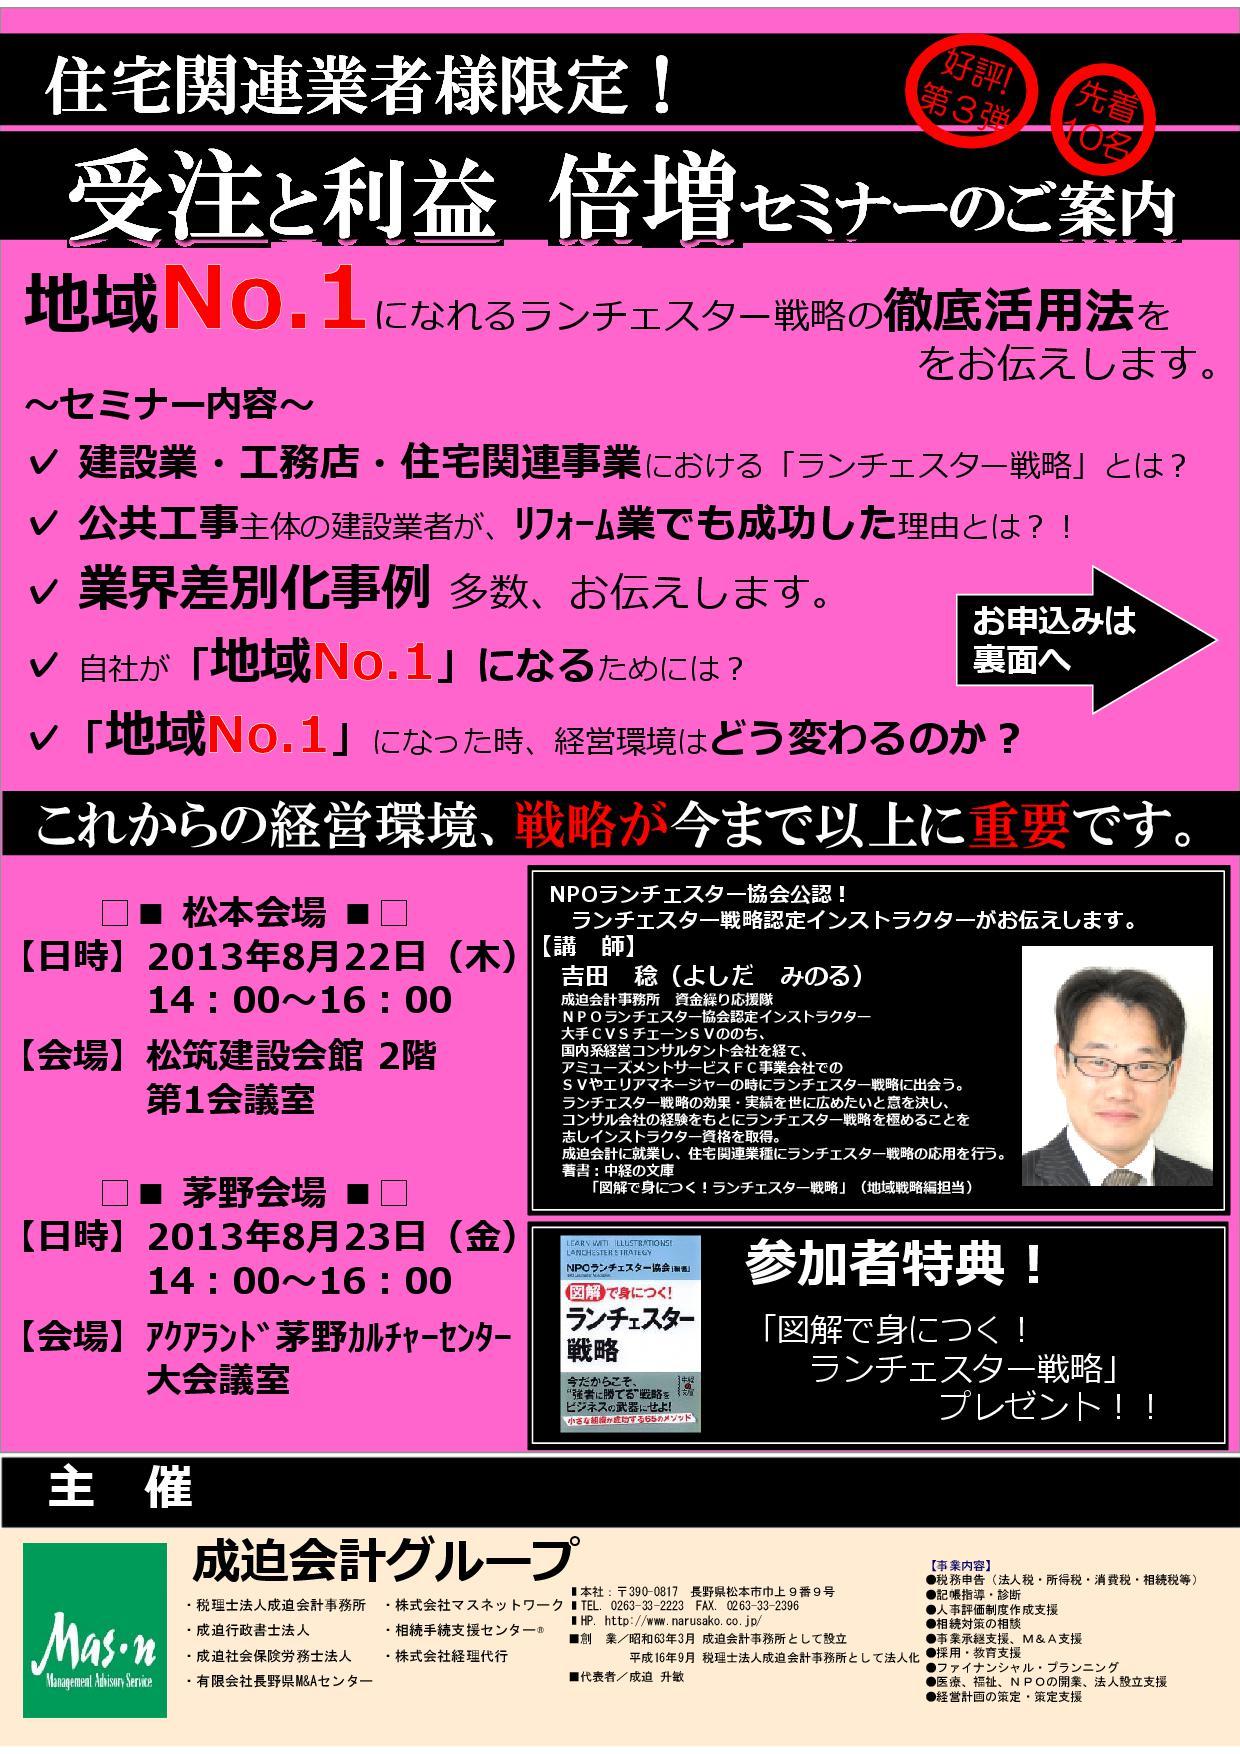 郵送DM 最新20130723-001.jpg